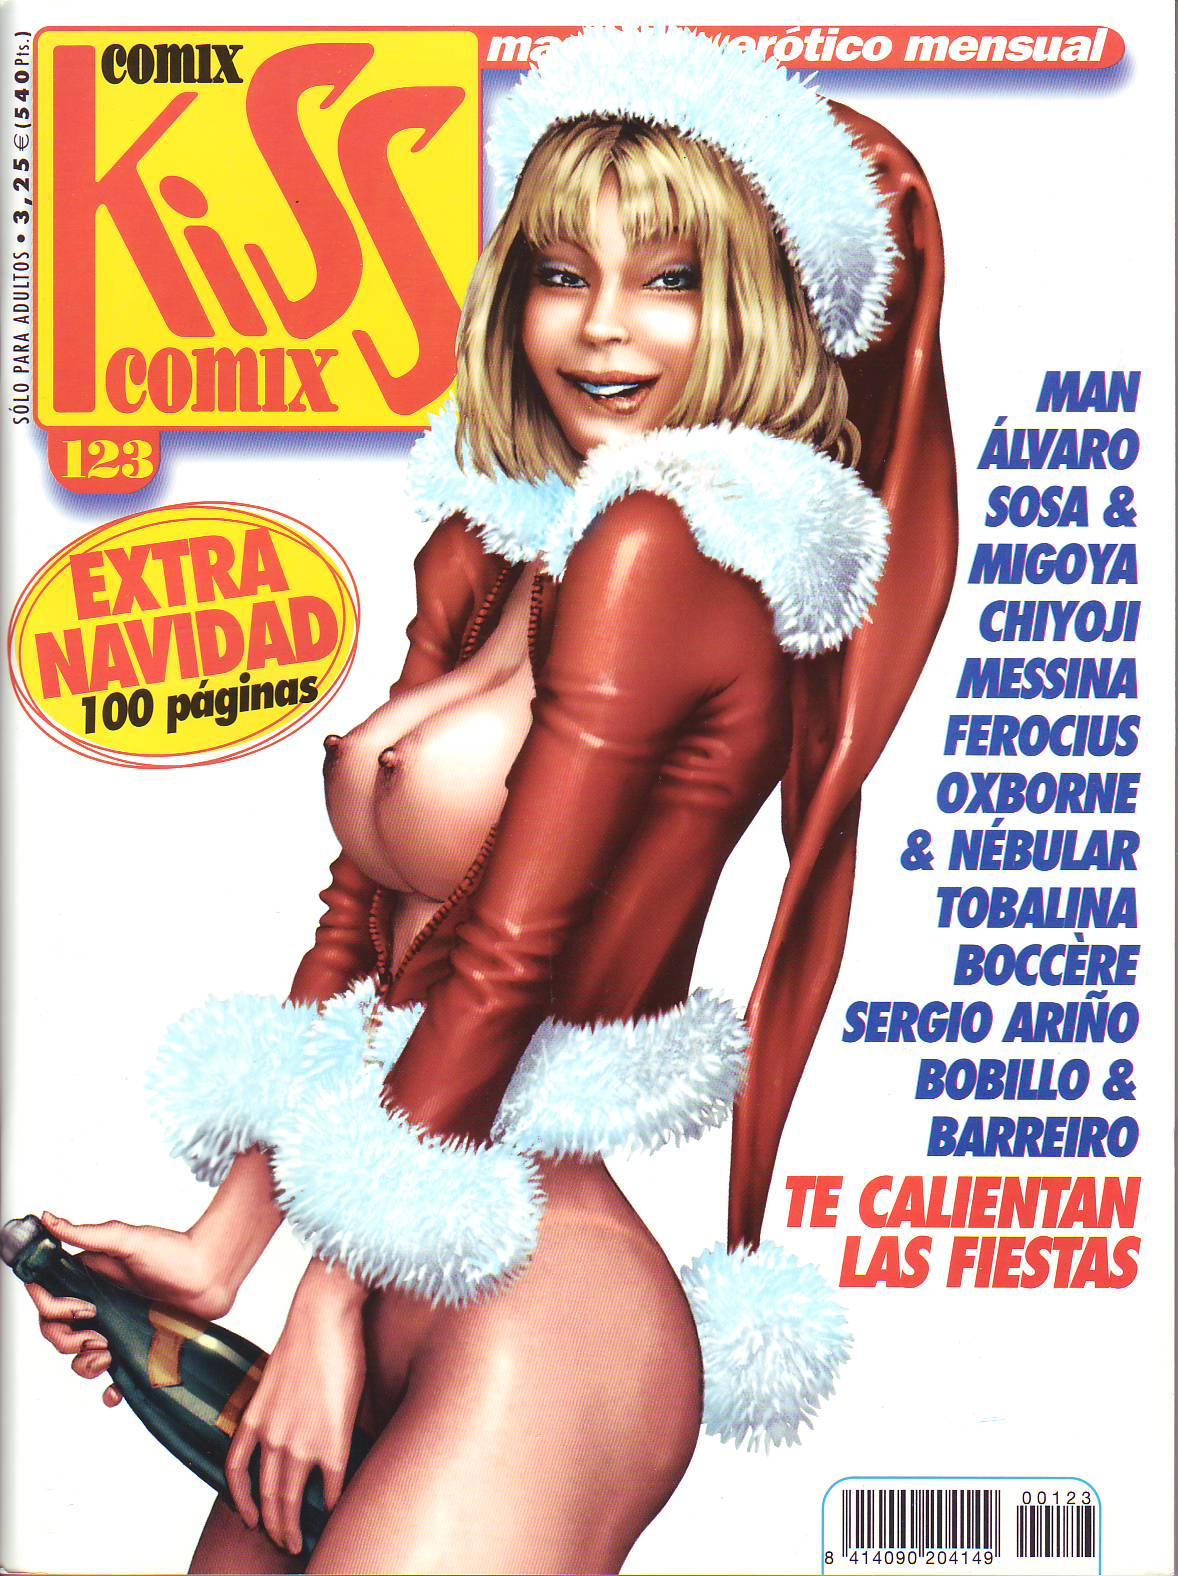 Kiss Comix 123